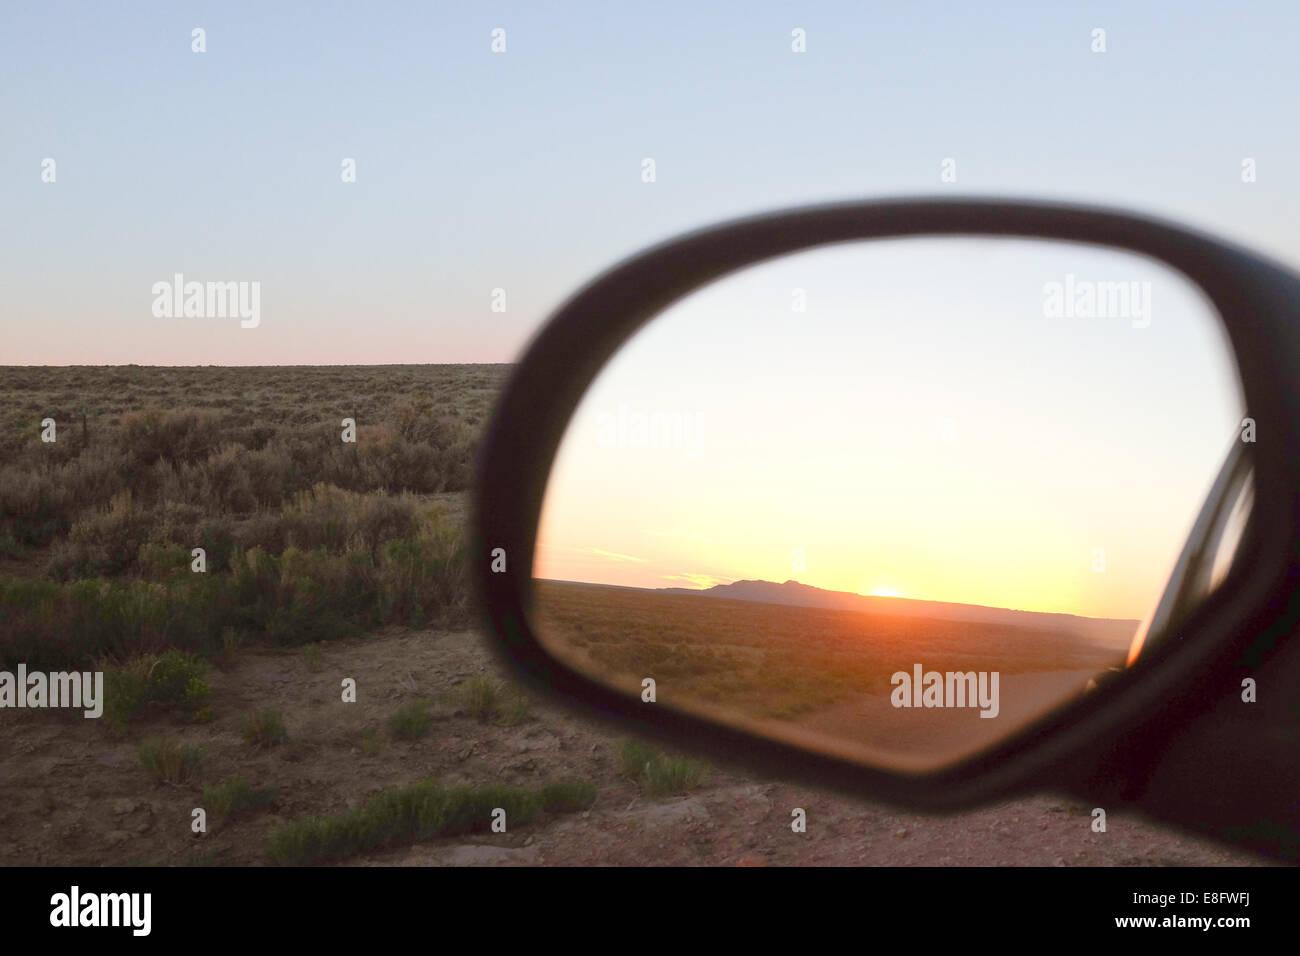 Stati Uniti d'America, Wyoming tramonto riflettendo a specchio laterale Immagini Stock